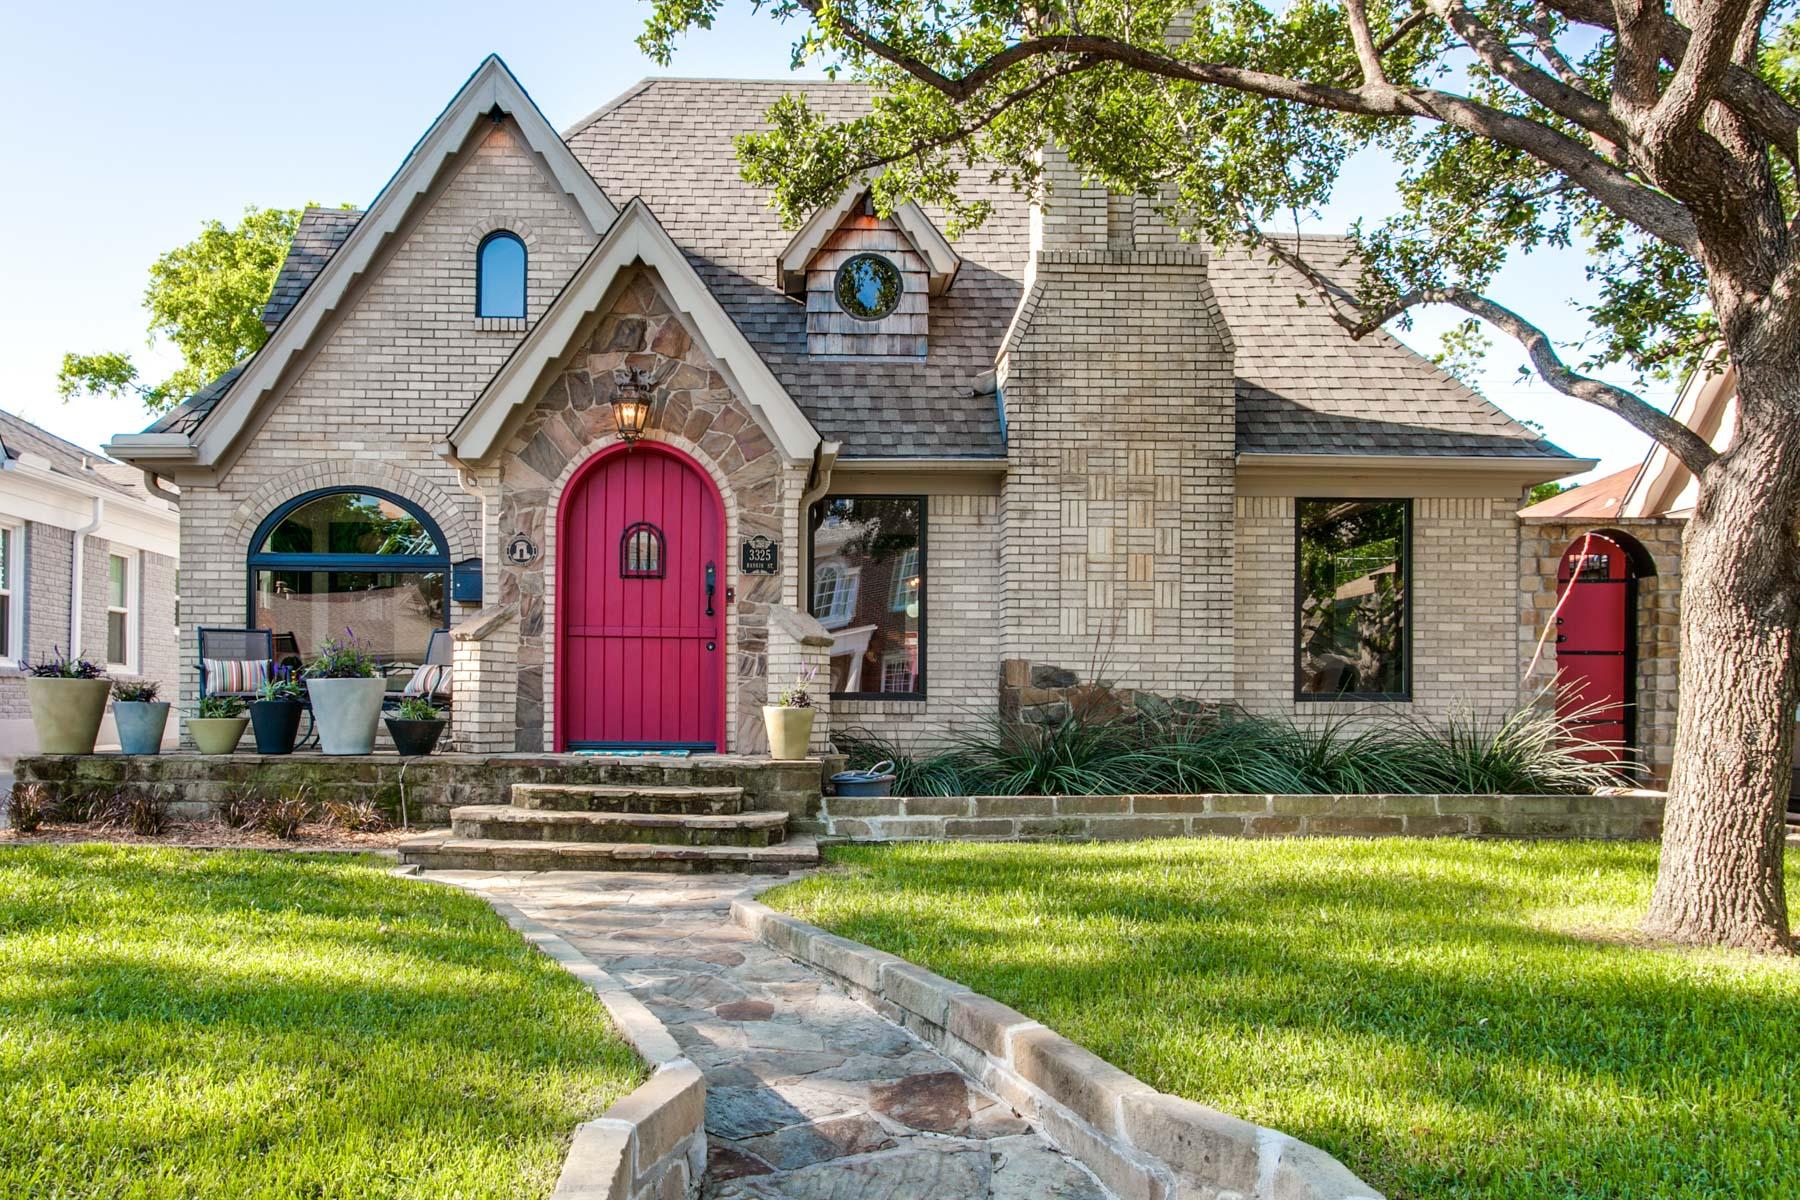 Maison unifamiliale pour l Vente à University Park Tudor with Modern Accents Dallas, Texas, 75205 États-Unis